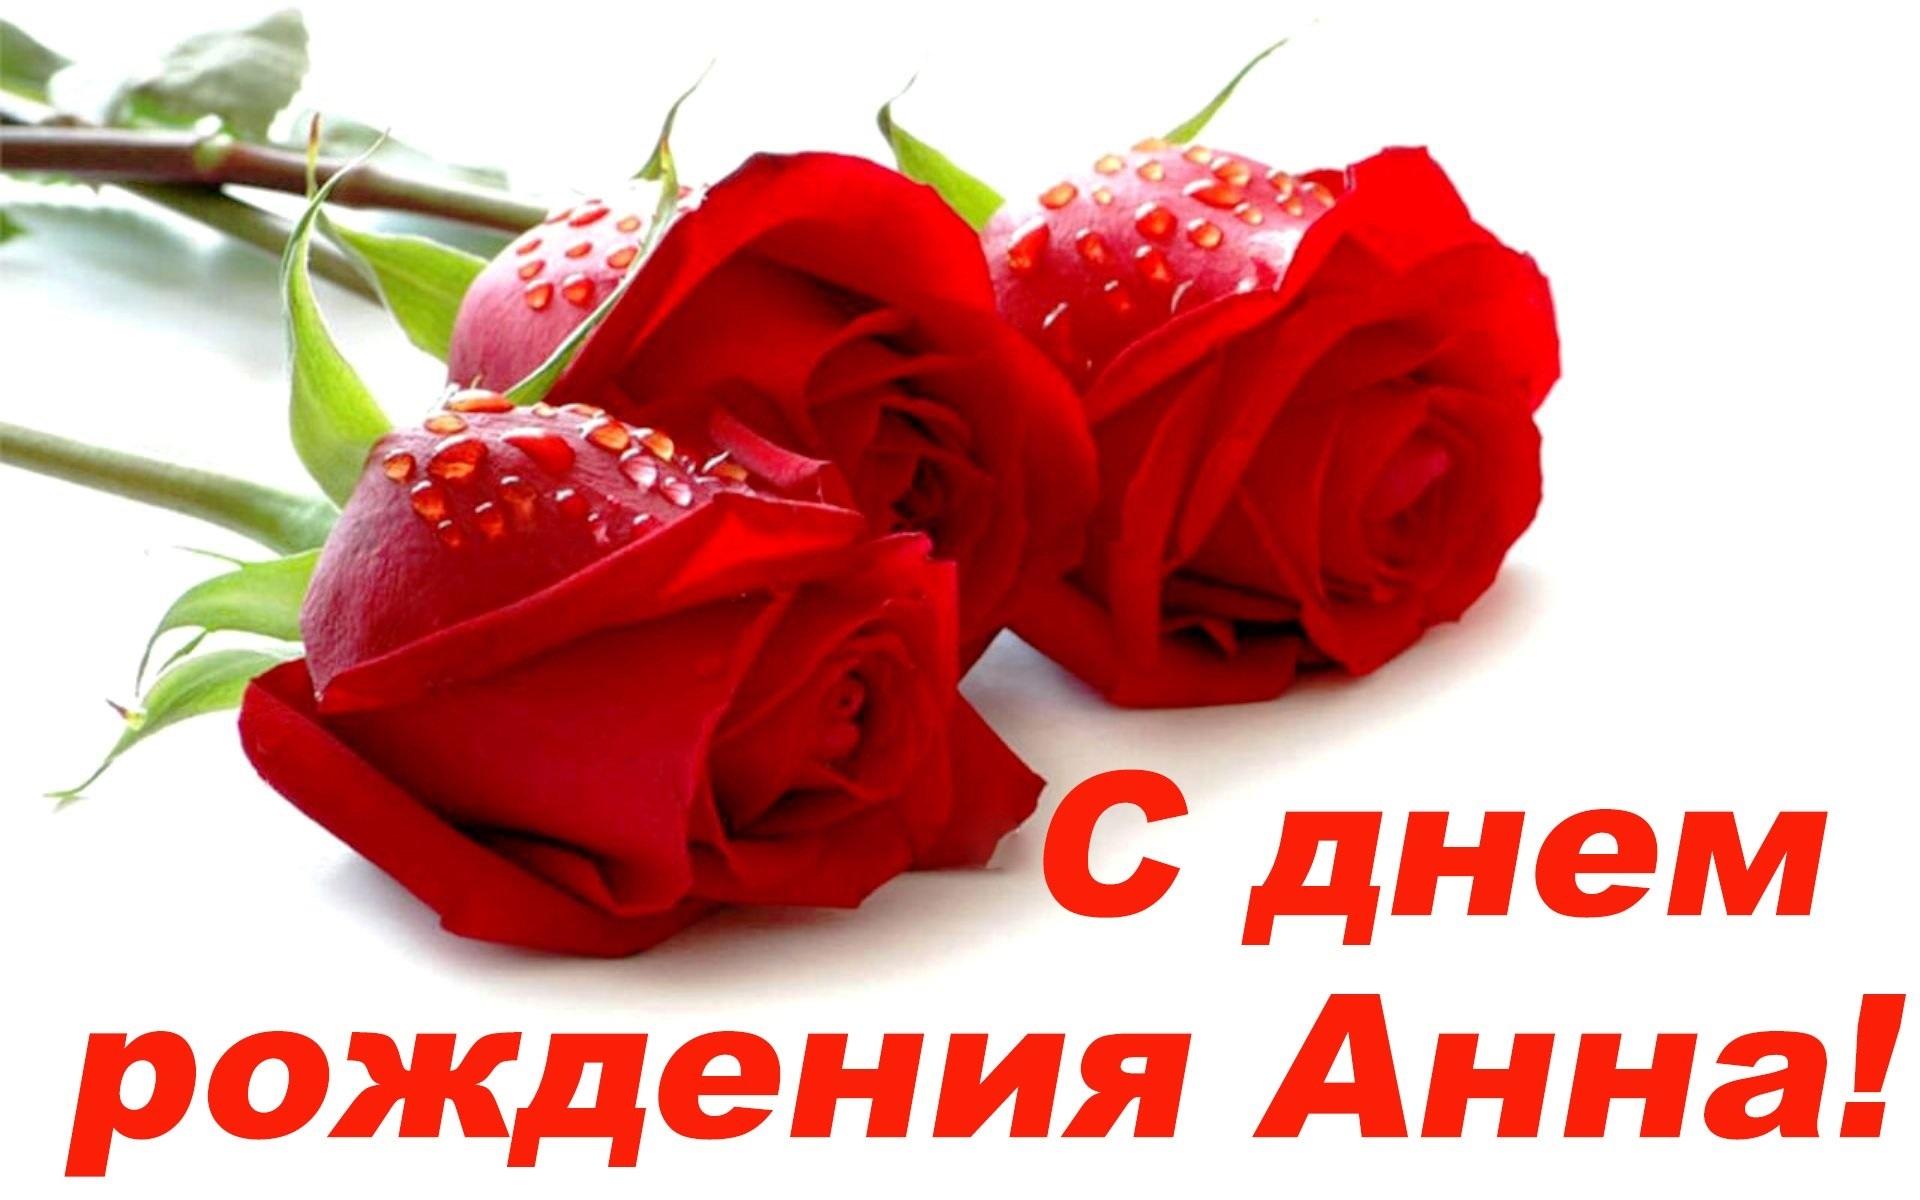 Аня с днем рождения в картинках006